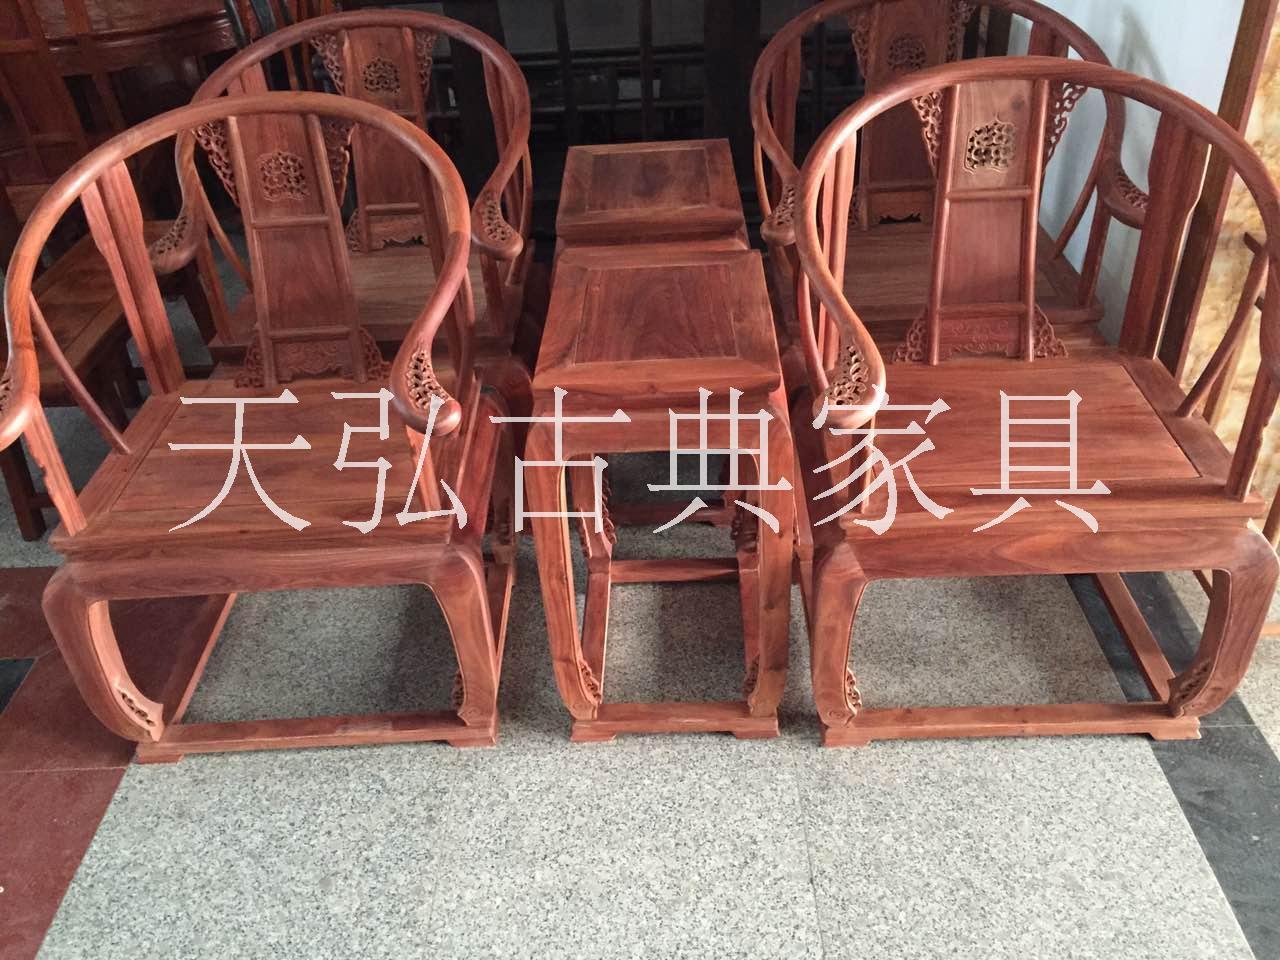 上海皇椅批发,上海皇宫椅价格,上海皇宫椅厂家直销 上海皇宫椅批发